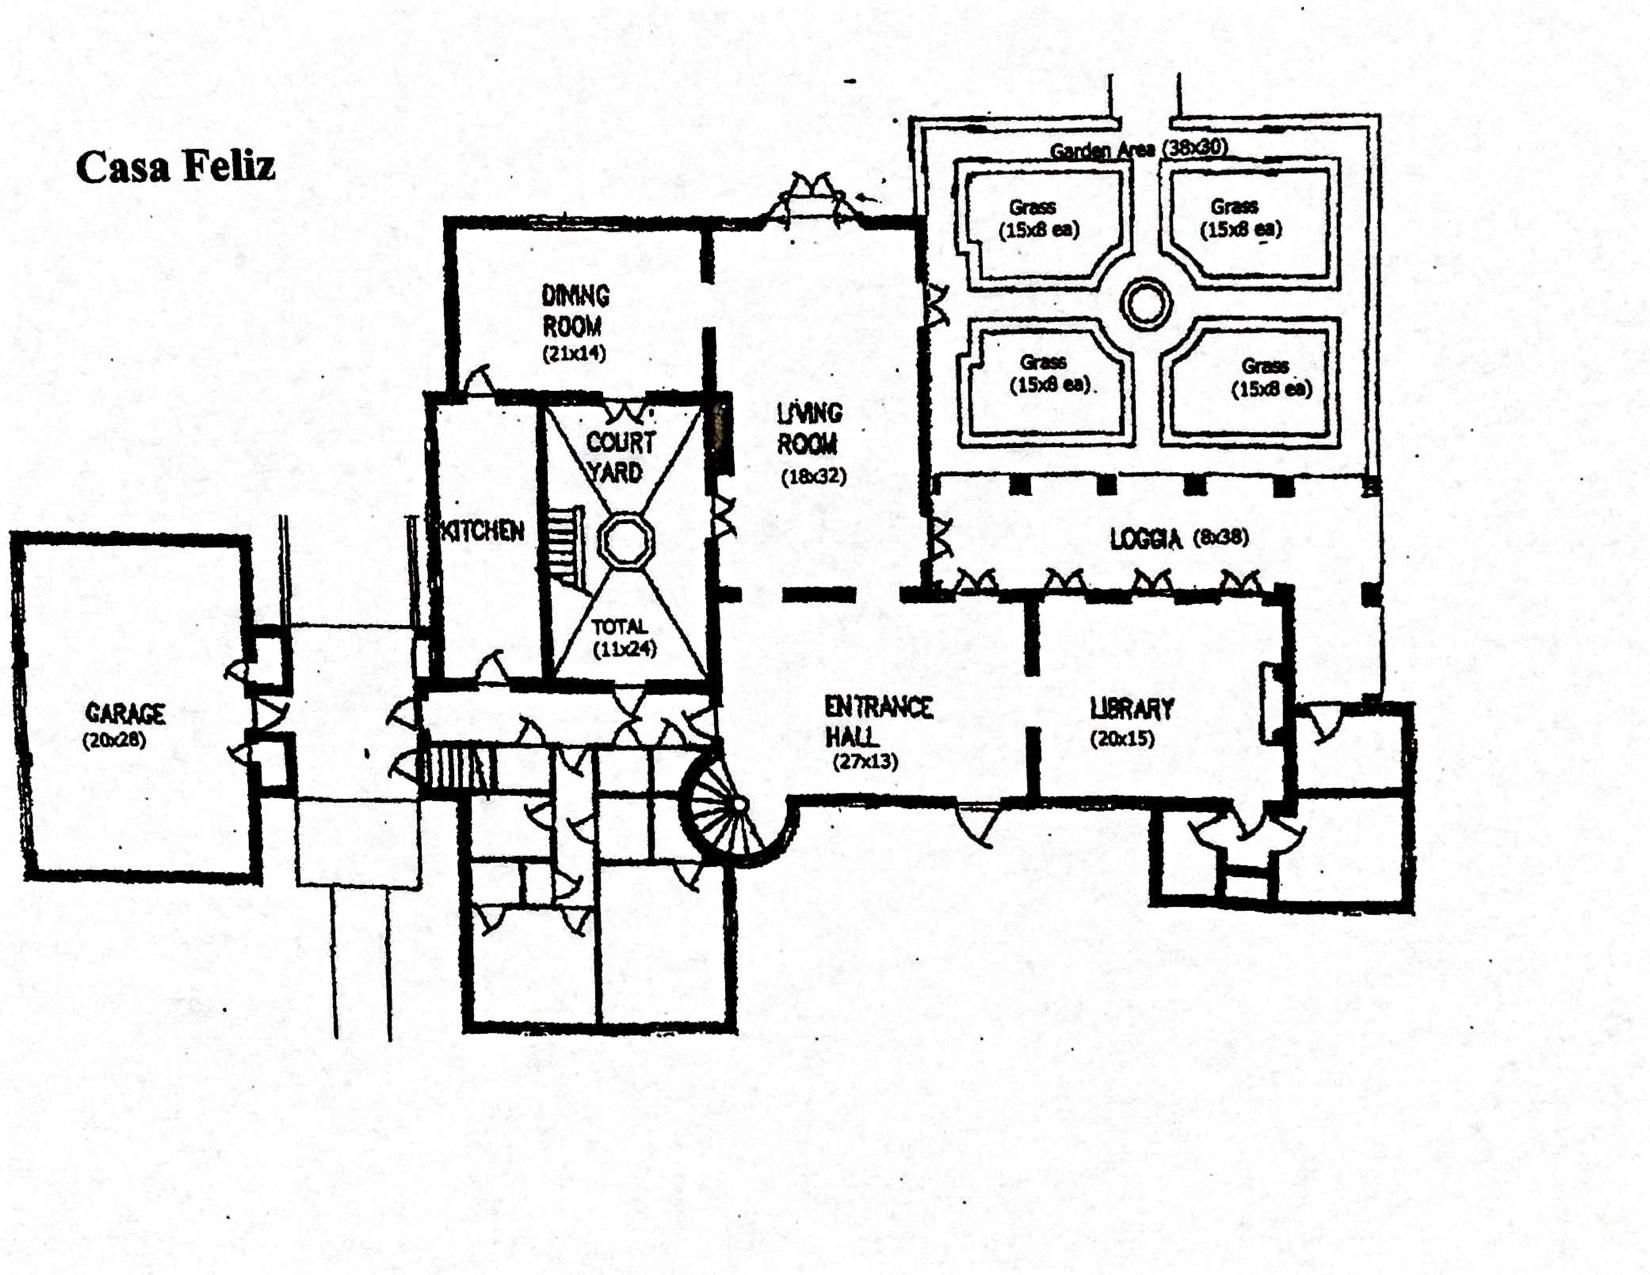 Casa Feliz Floor Plan.jpg